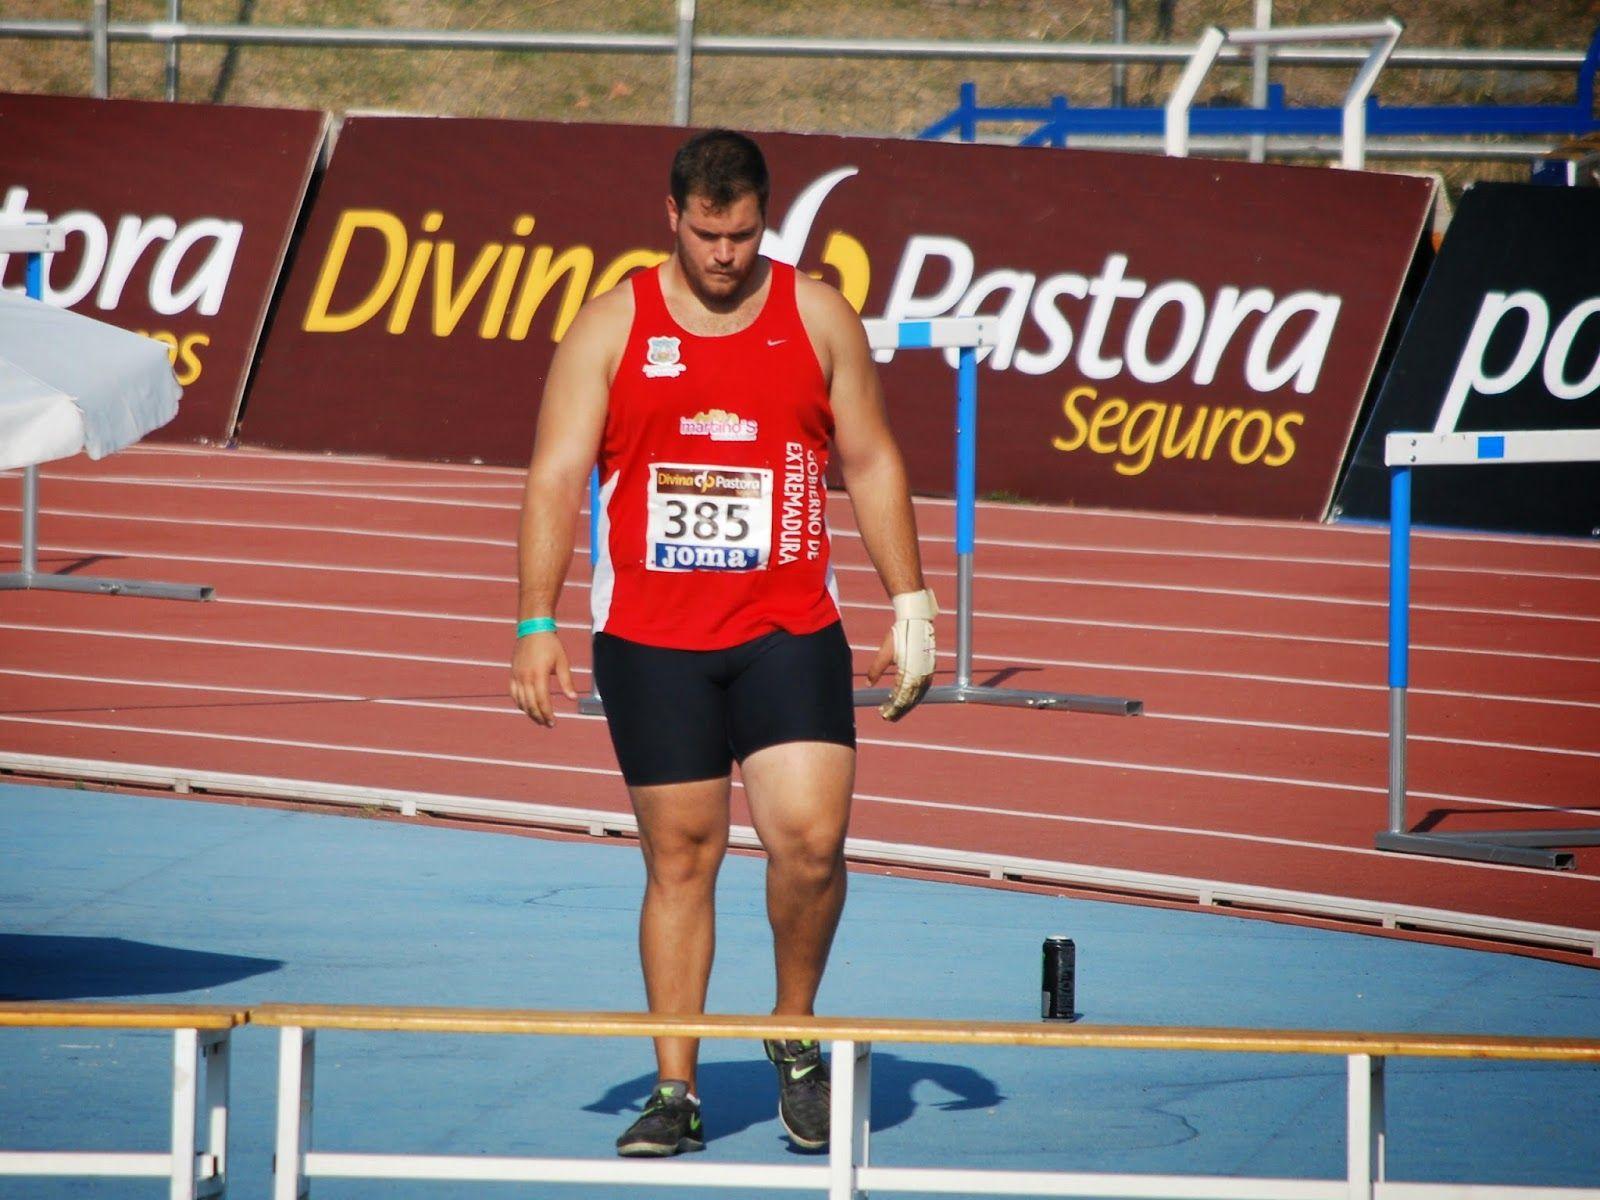 Atletismo Y Algo Más Atletismo Fotografías E Imágenes Xciv Campeonato Atletismo Fotografia Lanzamiento De Martillo